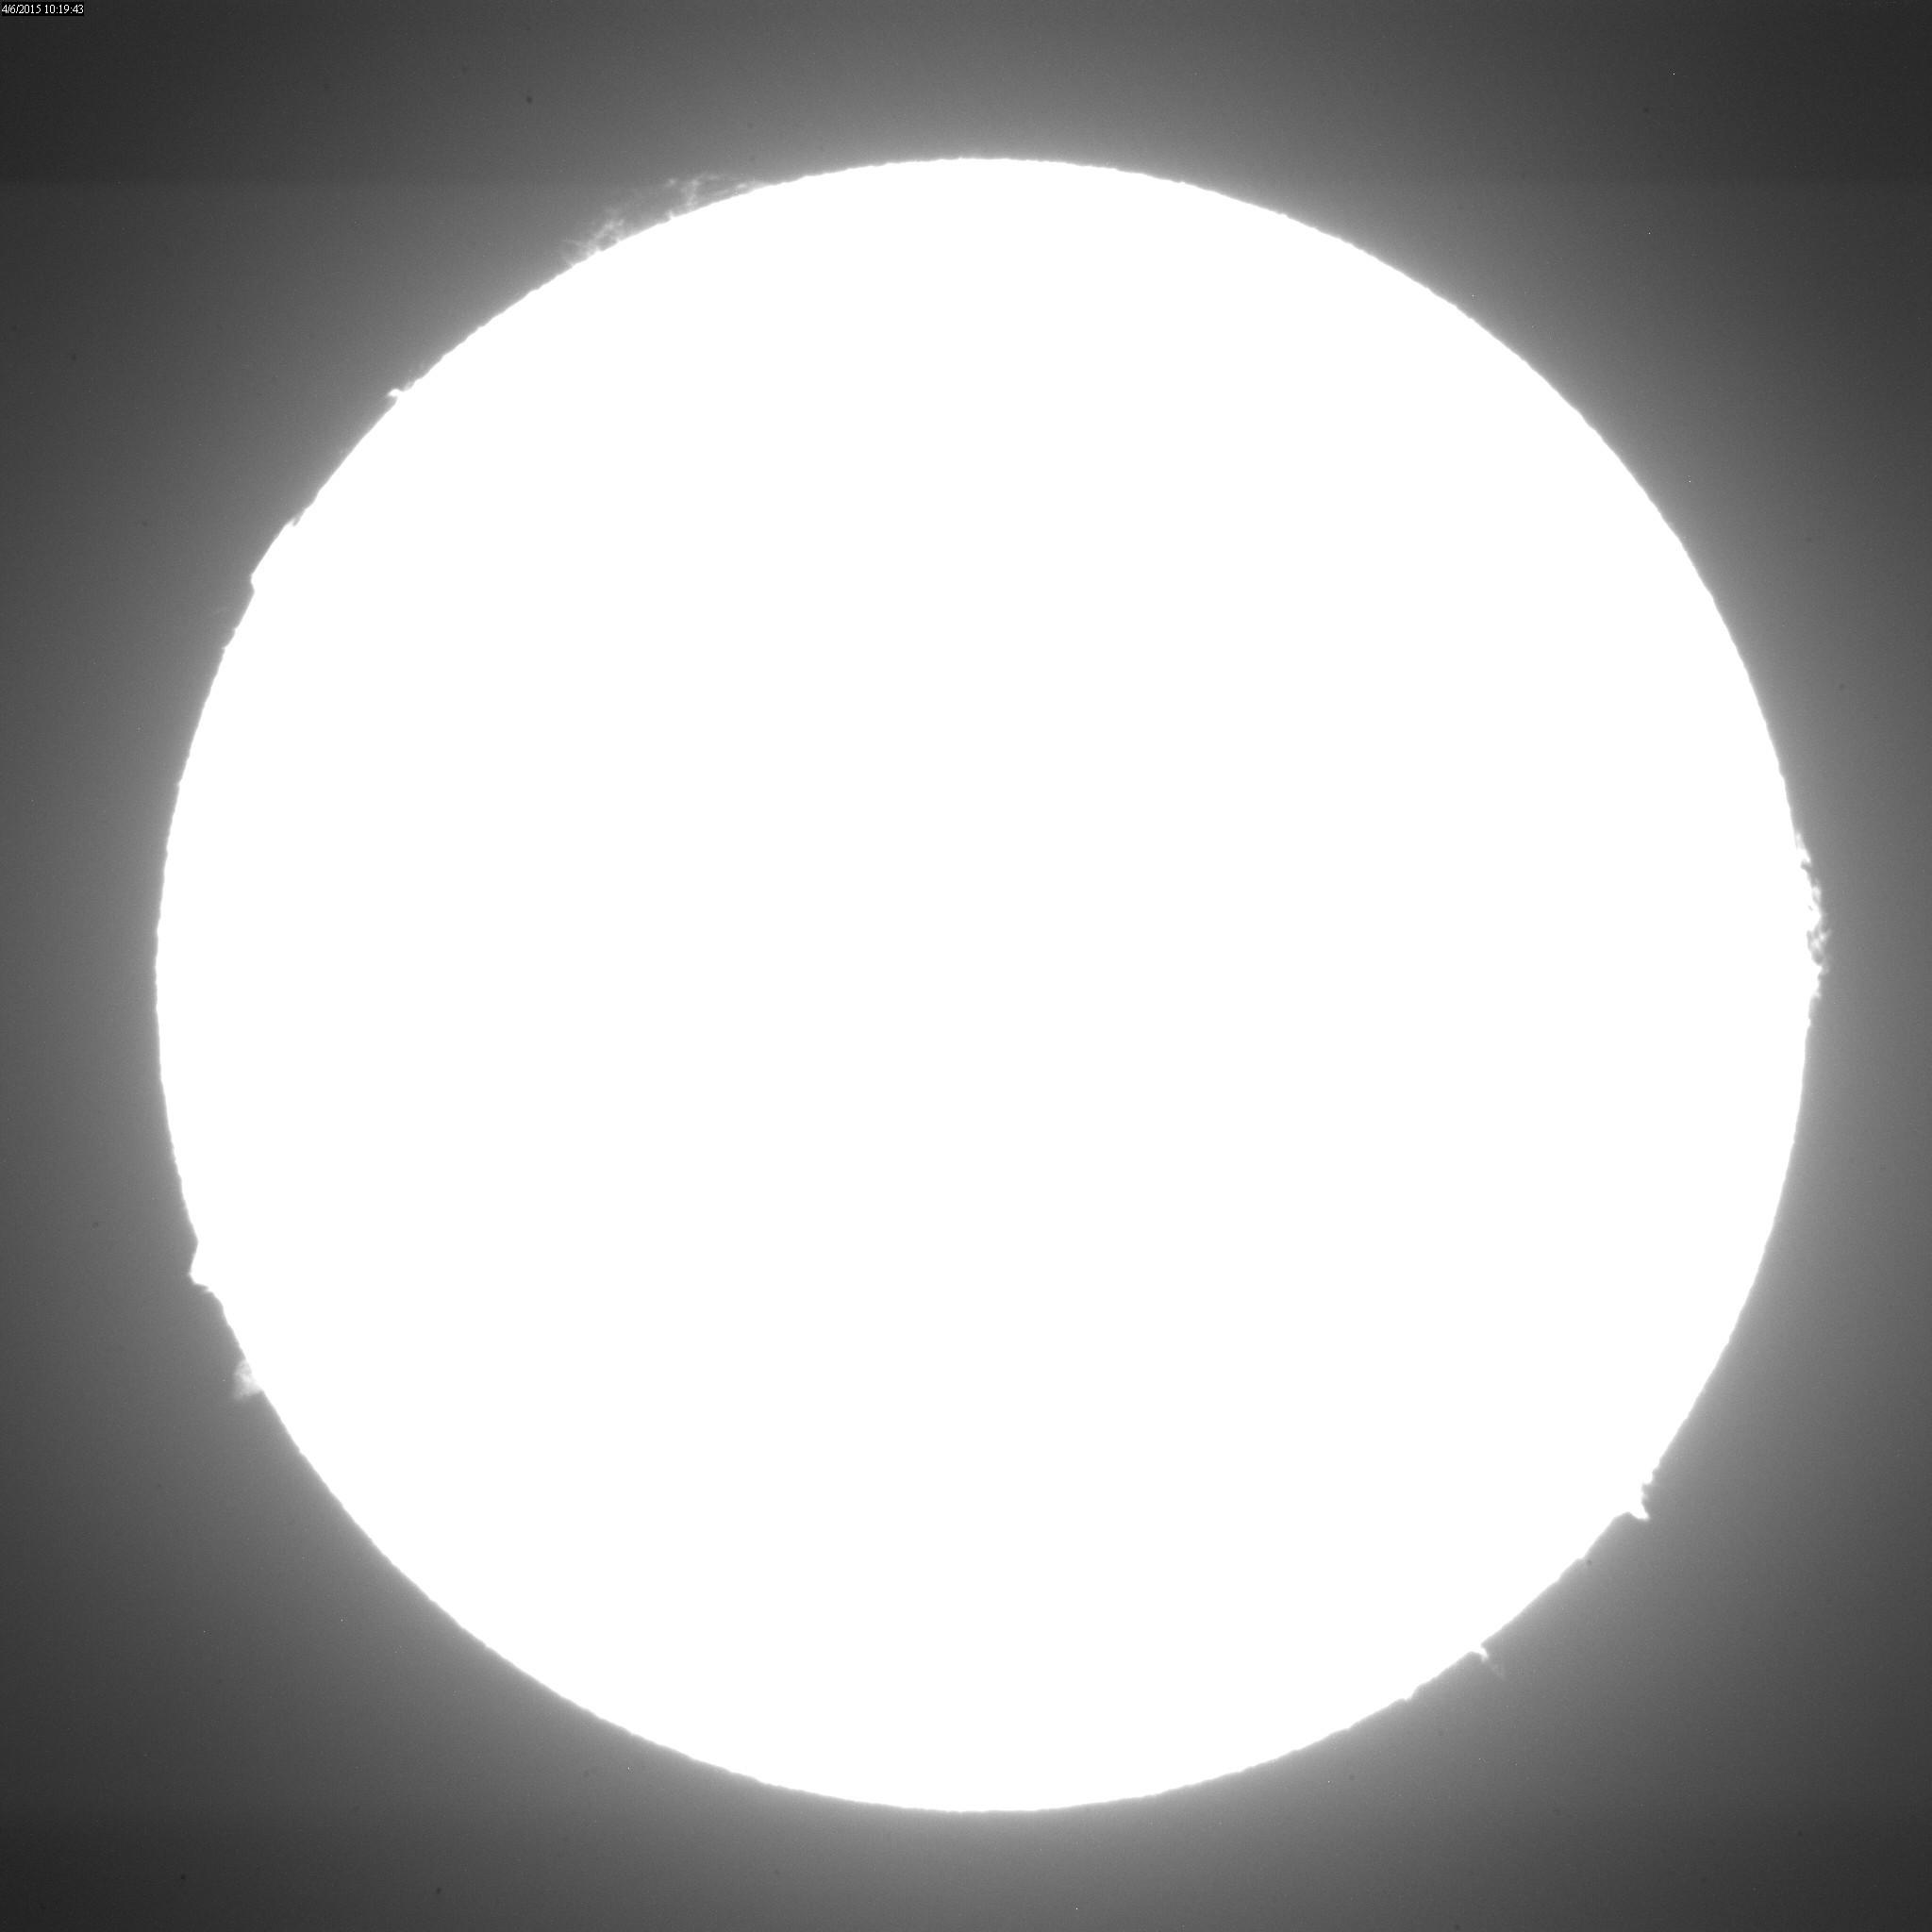 2015 June 04 Sun